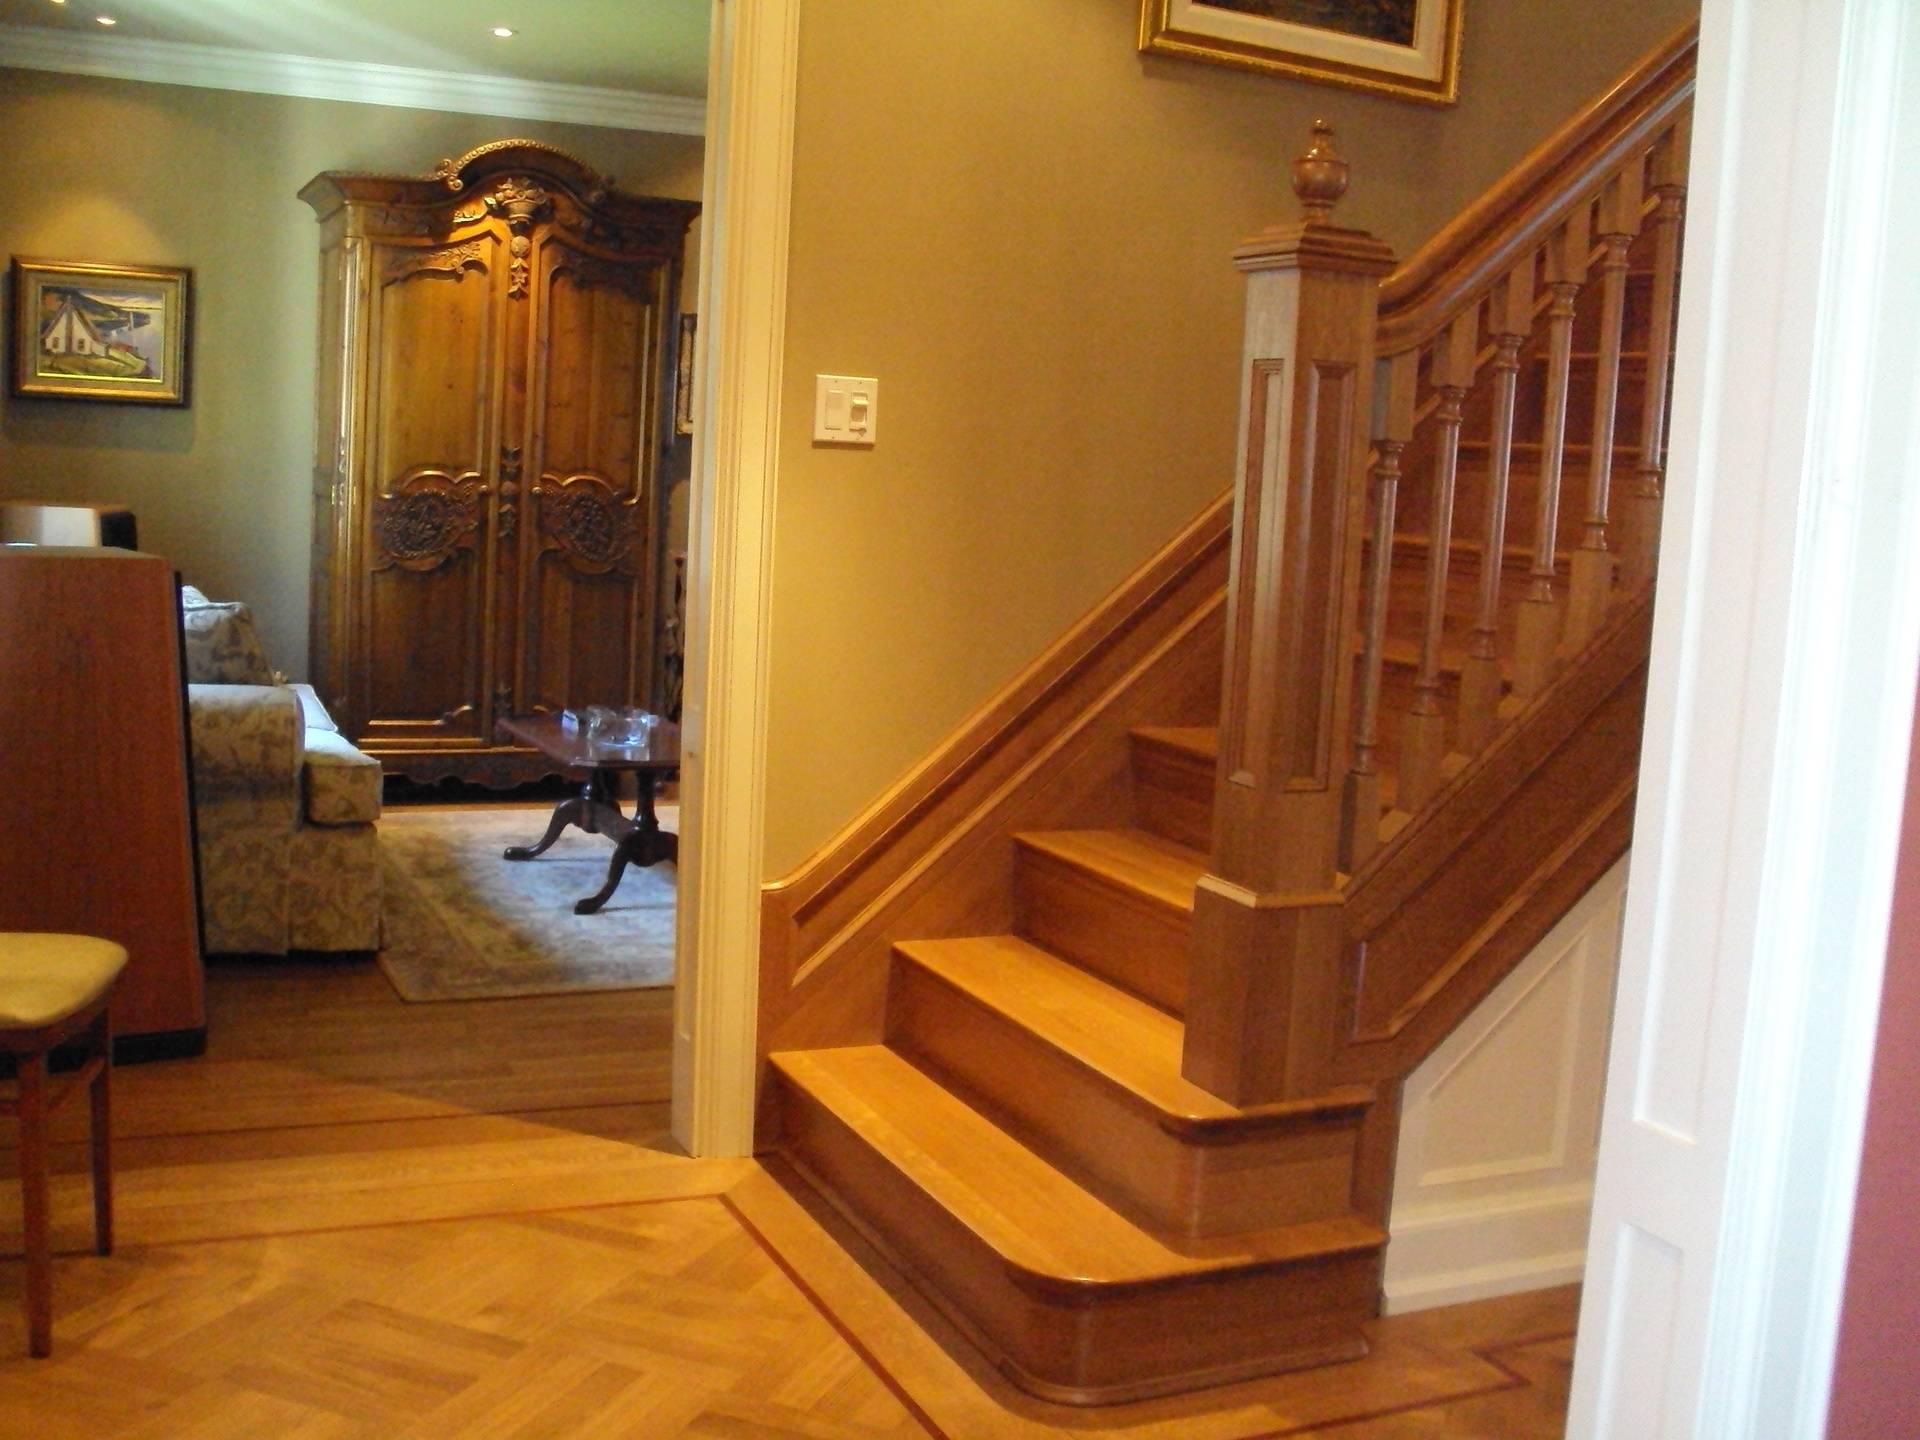 Escalier de bois à limons fermés avec motifs